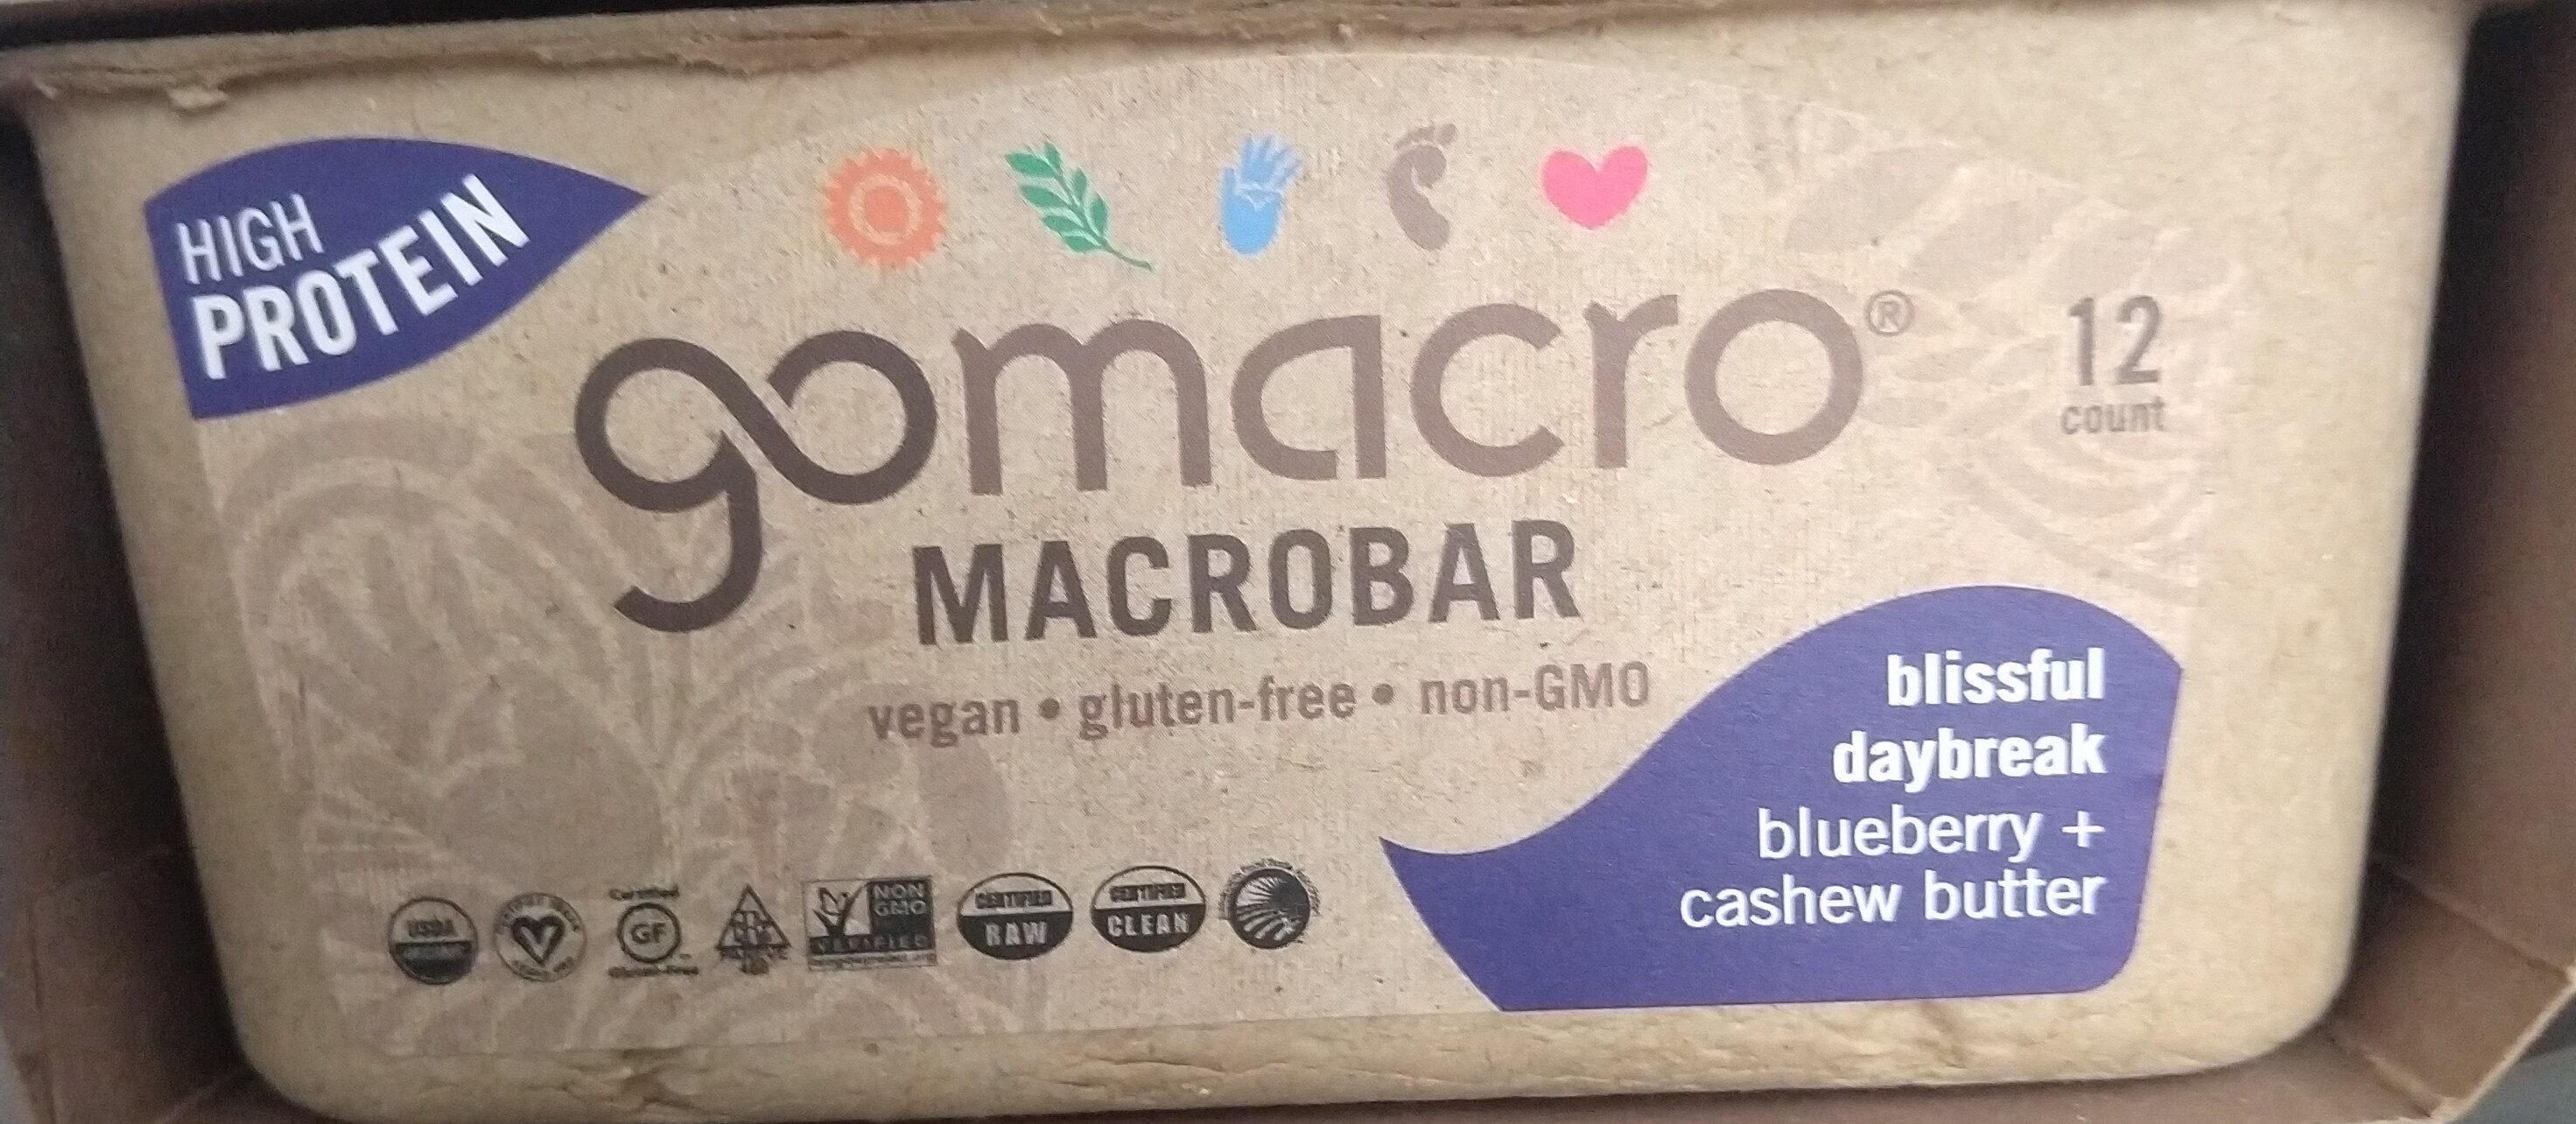 Blissful daybreak blueberry + cashew butter macrobar, blissful daybreak blueberry + cashew butter - Produit - en